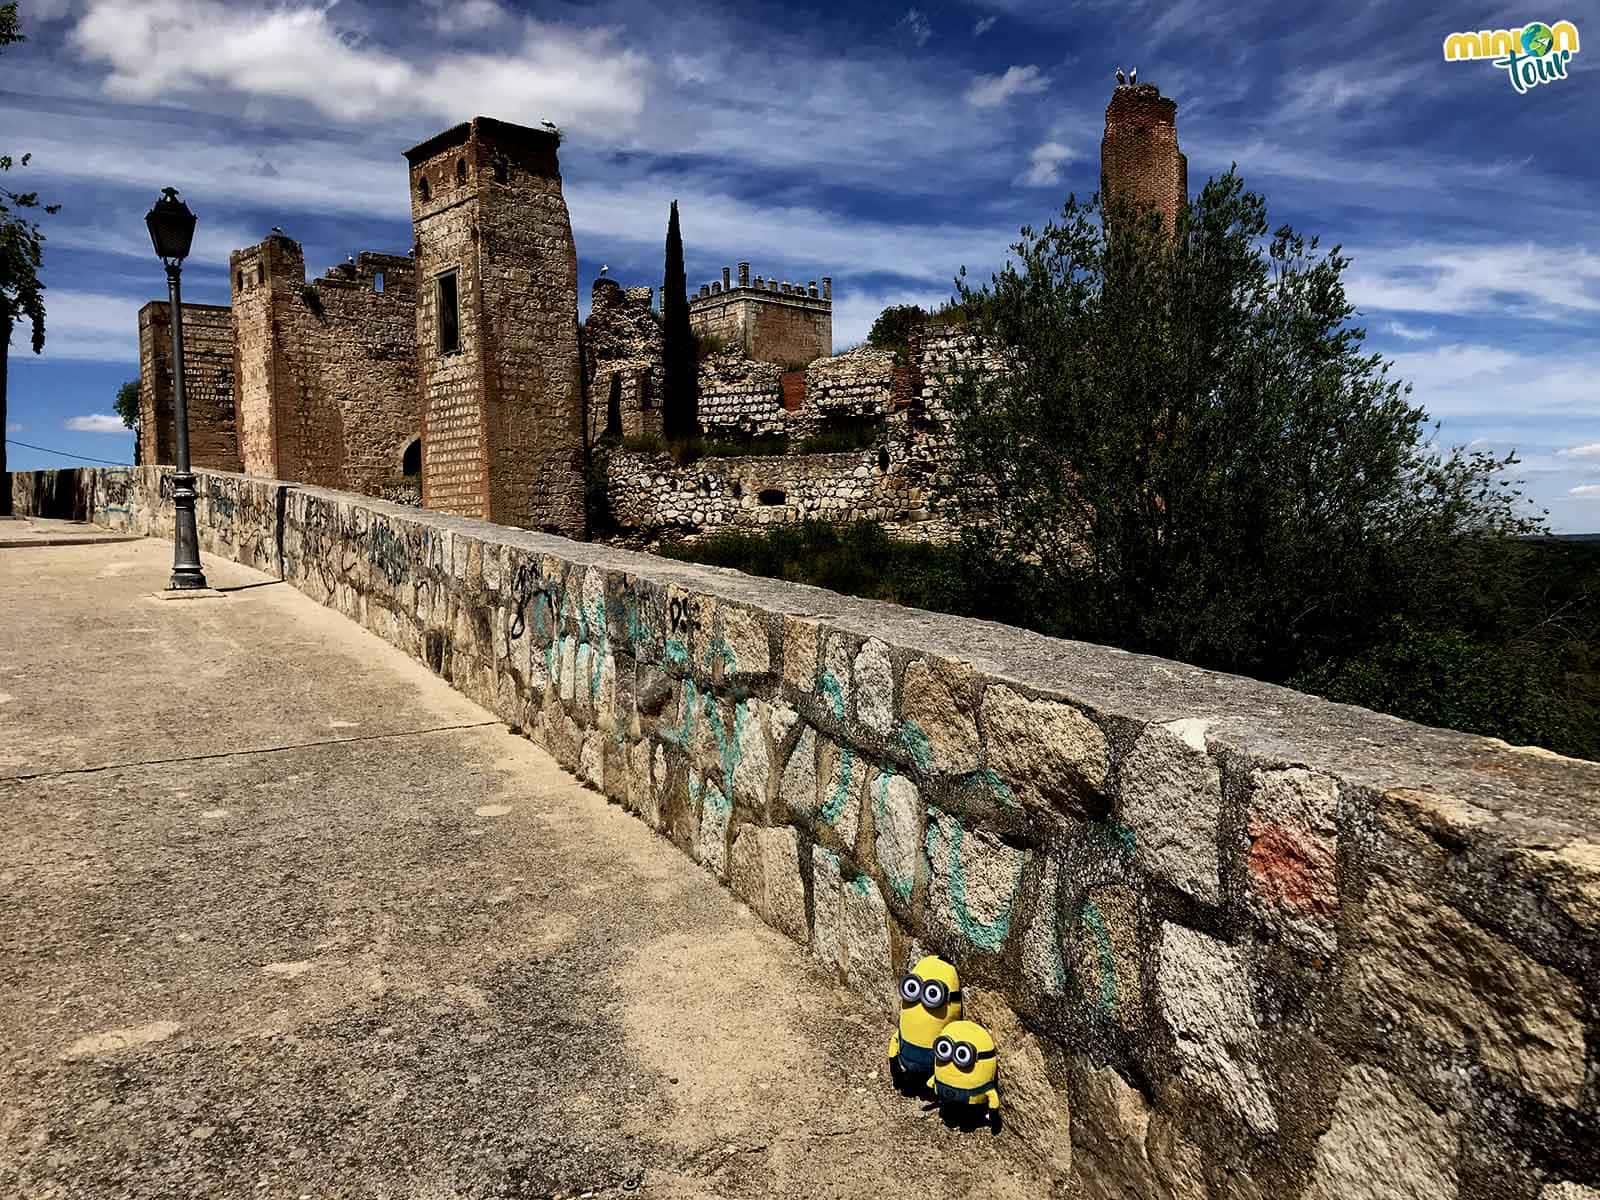 El Castillo de don Álvaro de Luna, una de las cosas que tienes que ver en Escalona